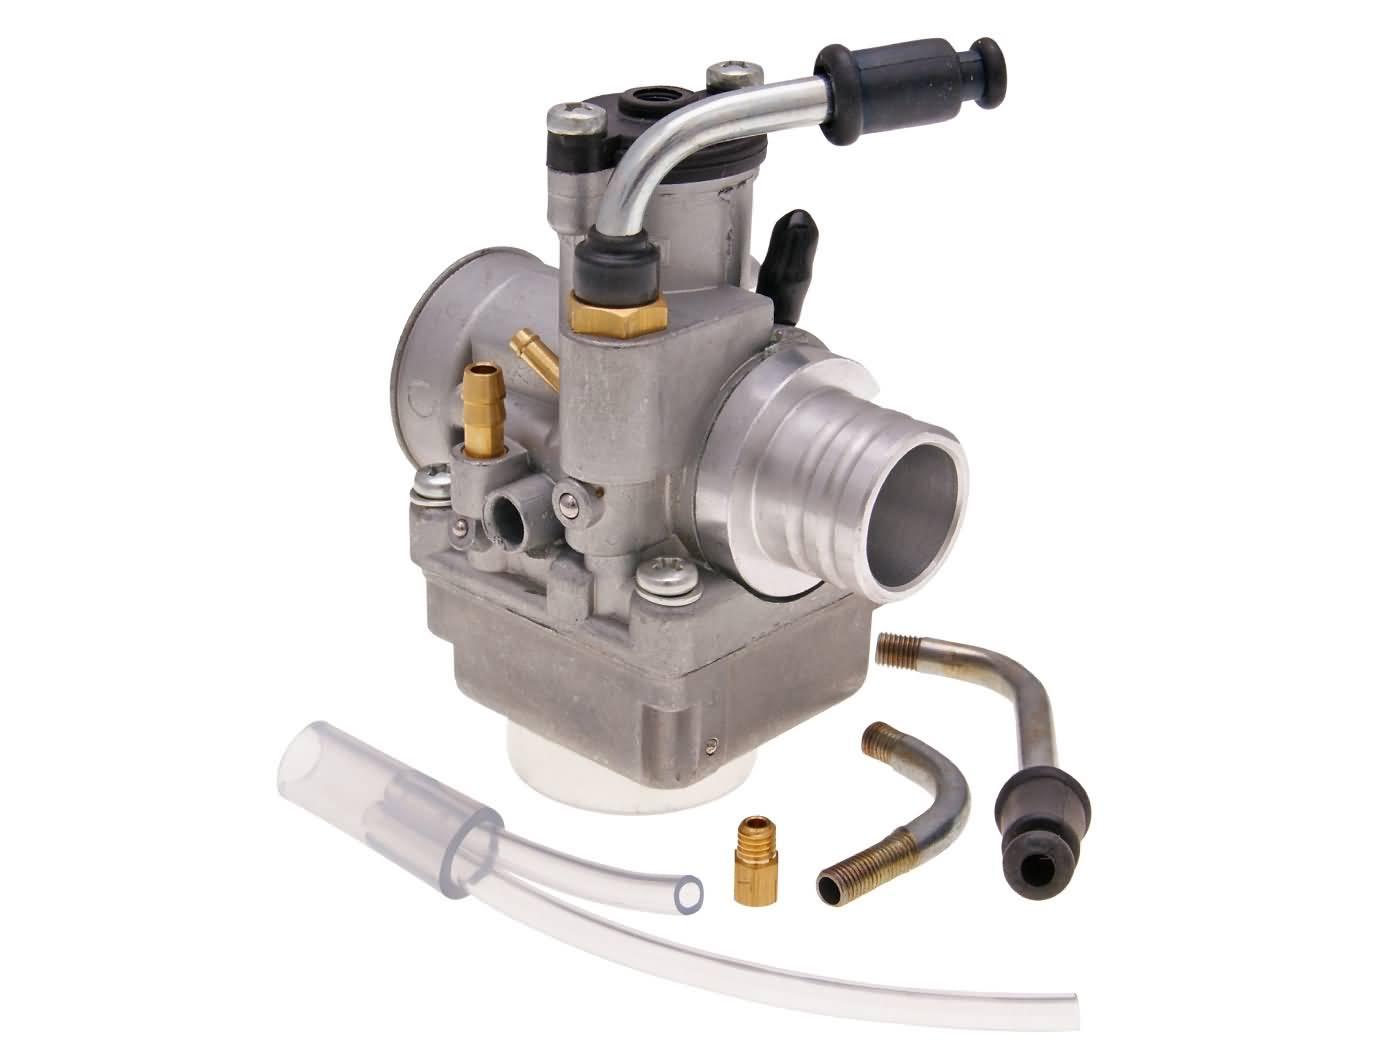 Carburetor Arreche 16mm Manual Choke Prep Hand Sealer Sj0052